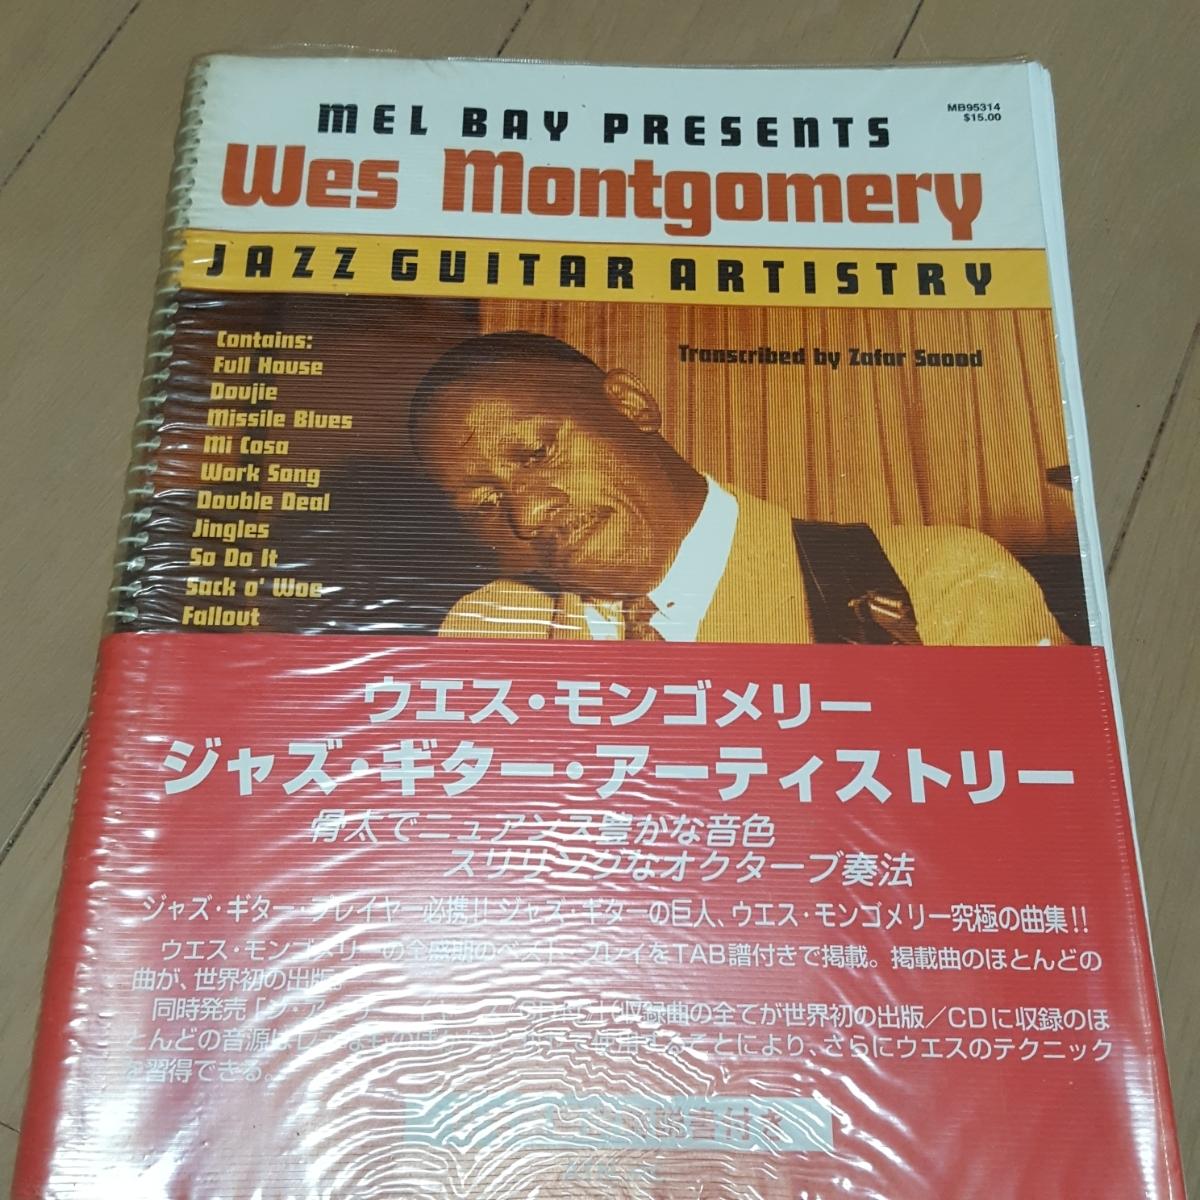 ウエス・モンゴメリー ギタースコア ジャズ・ギター アーティストリー 日本語翻訳解説書付 JAZZ・GUITAR_画像1